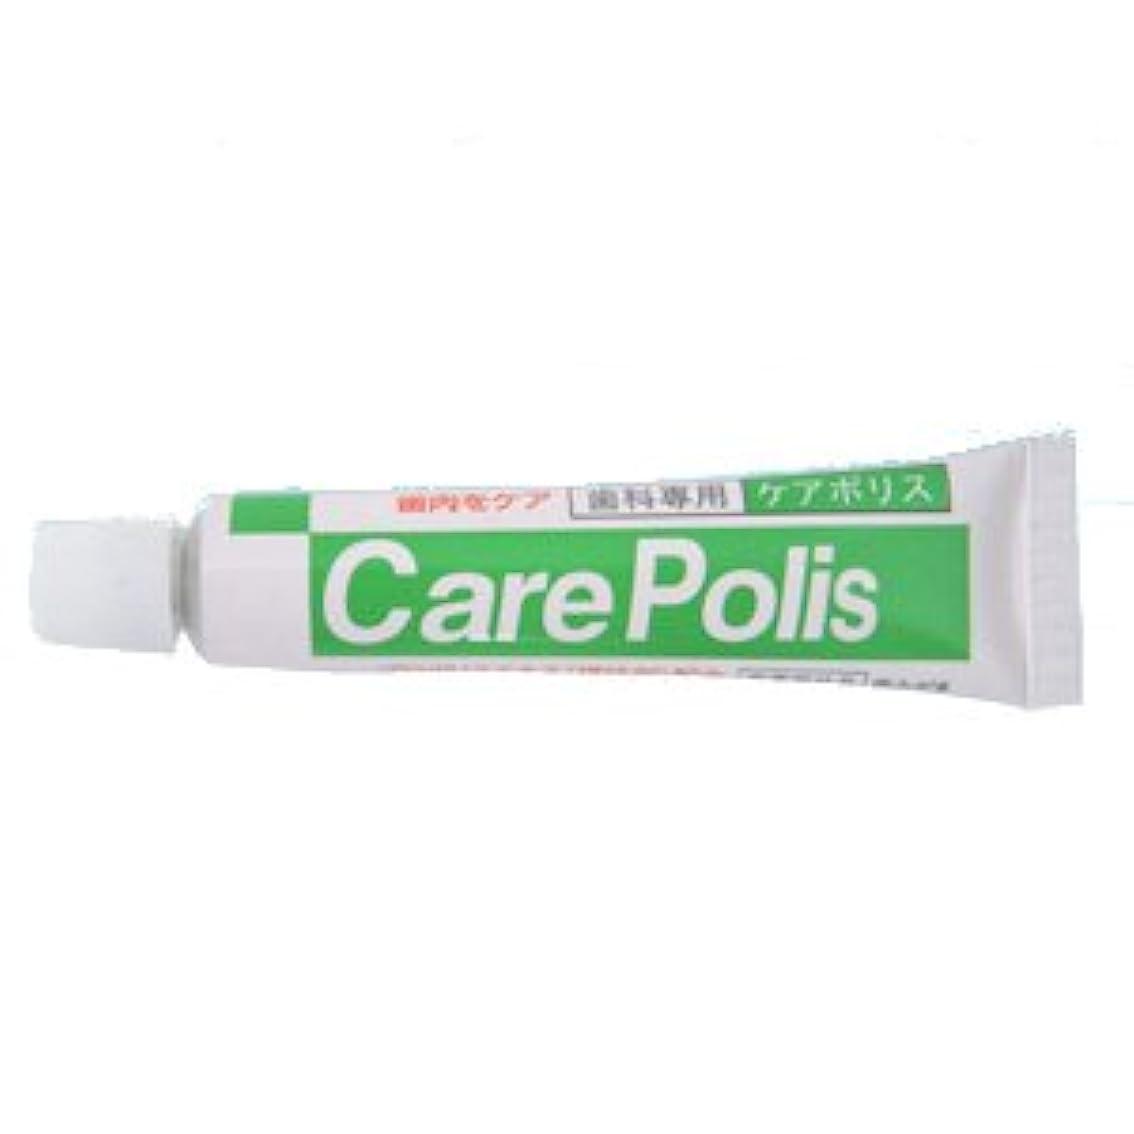 アライメントの前で重要な役割を果たす、中心的な手段となる薬用歯磨 ケアポリス 7g 医薬部外品